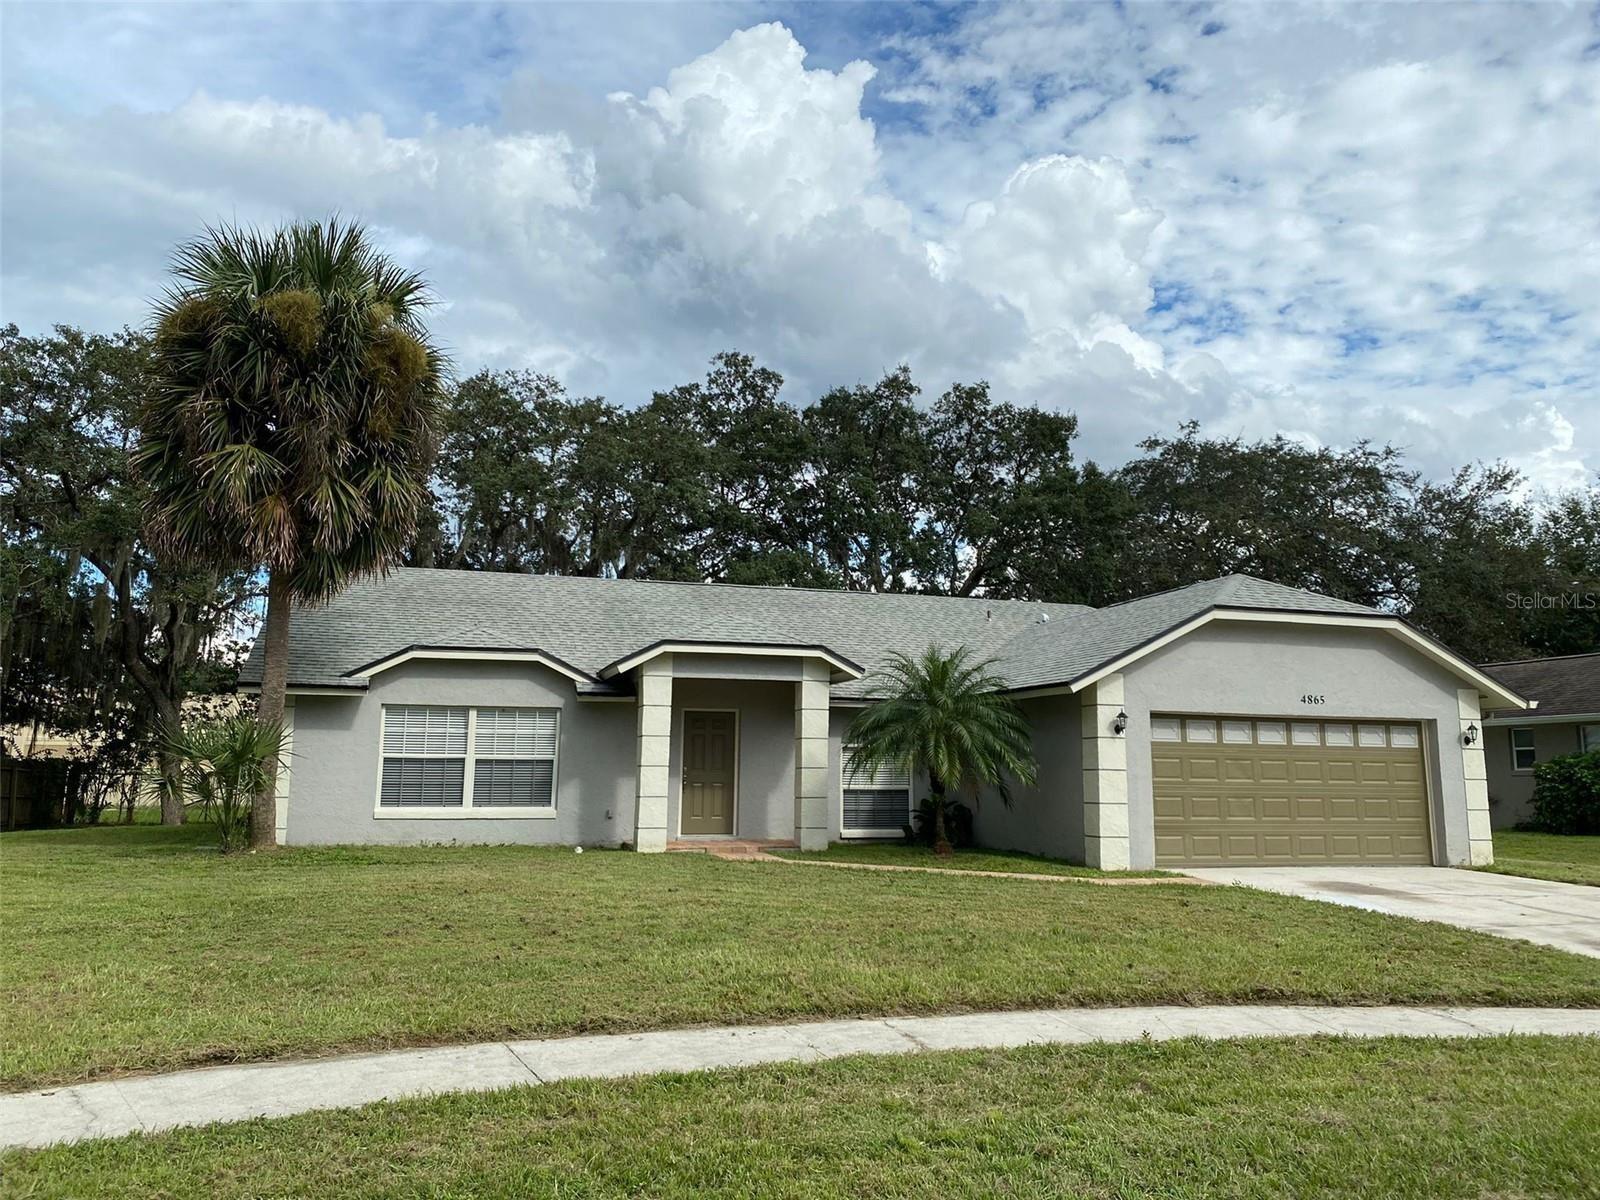 4865 GORHAM AVENUE, Orlando, FL 32817 - #: S5056590